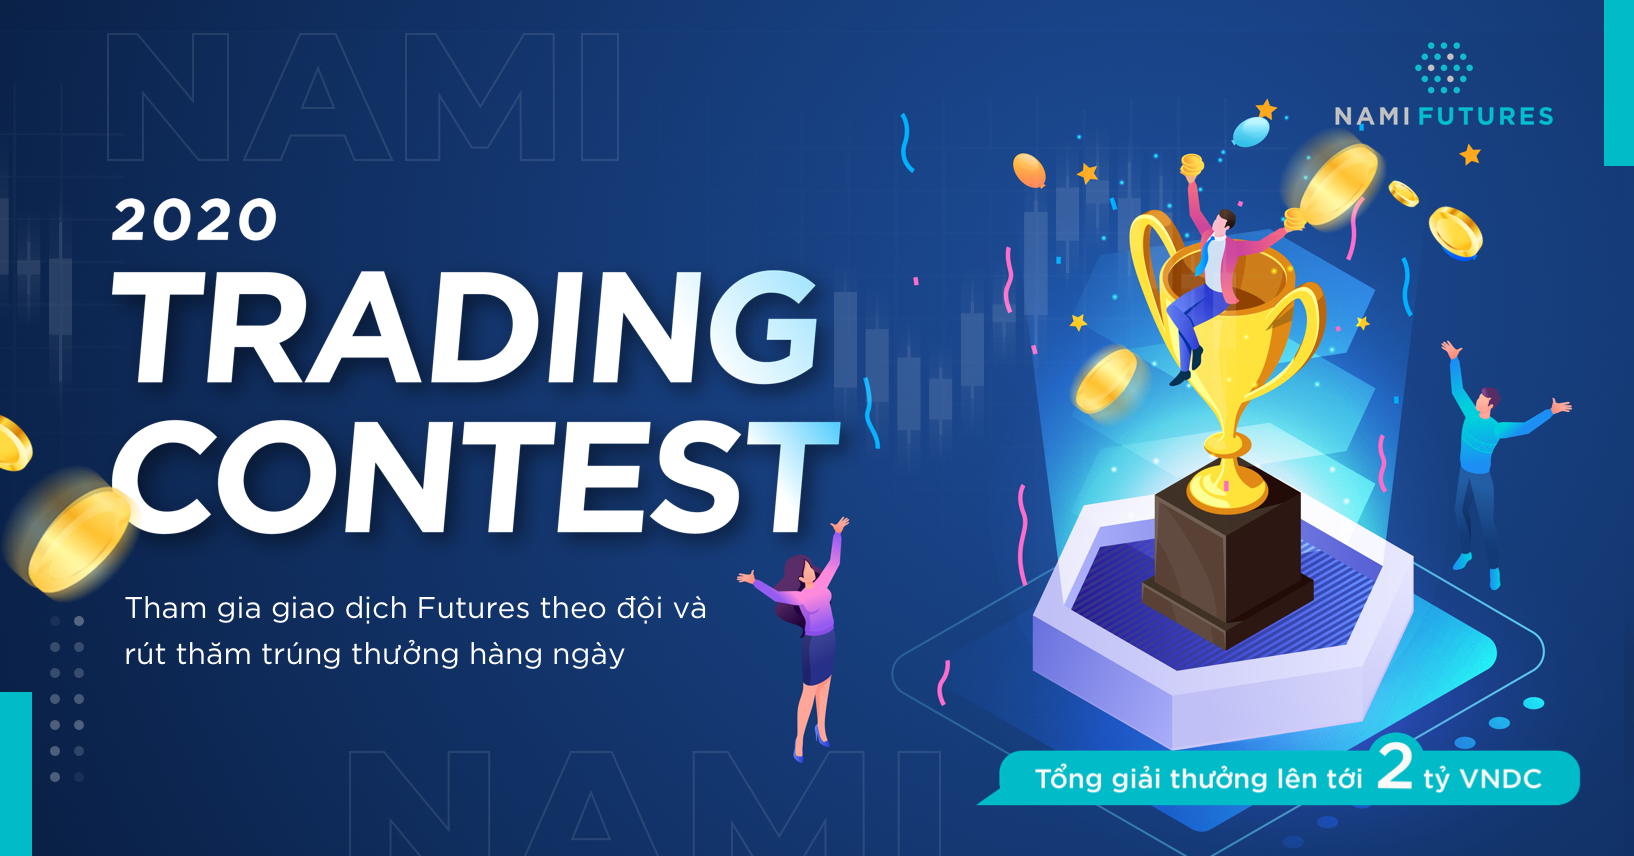 Trading Contest 2020 trên Nami Futures – Giải thưởng lên đến 2 tỷ VNDC